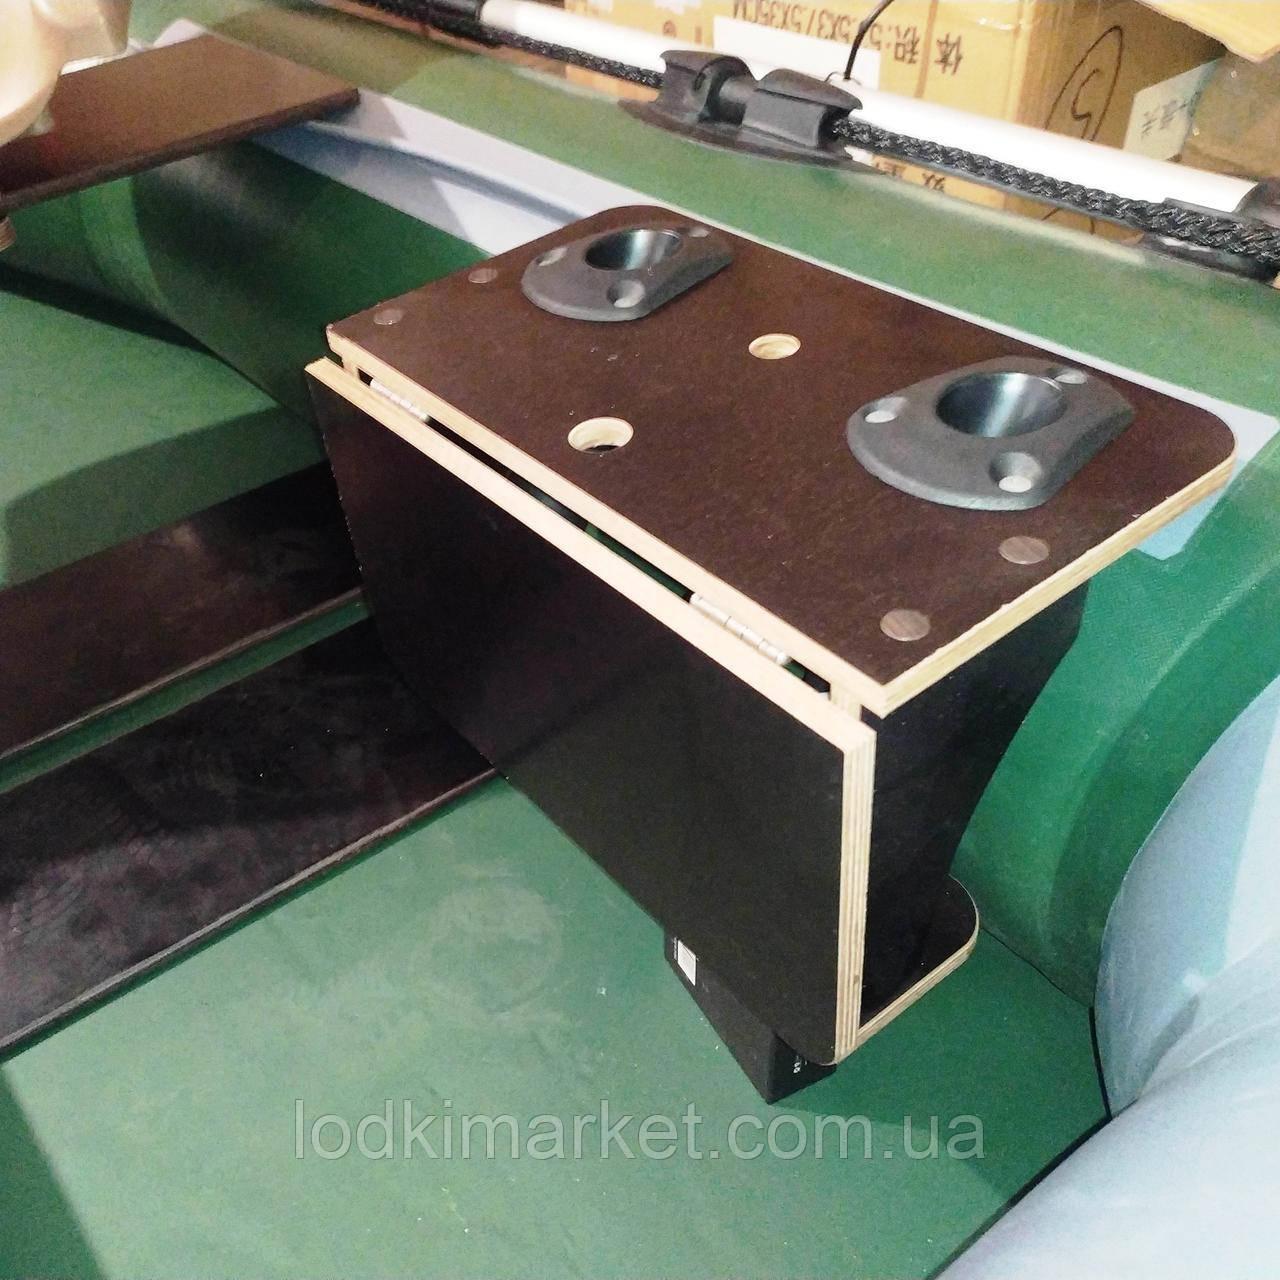 Подставка под спиннинги и эхолот с откидным столиком